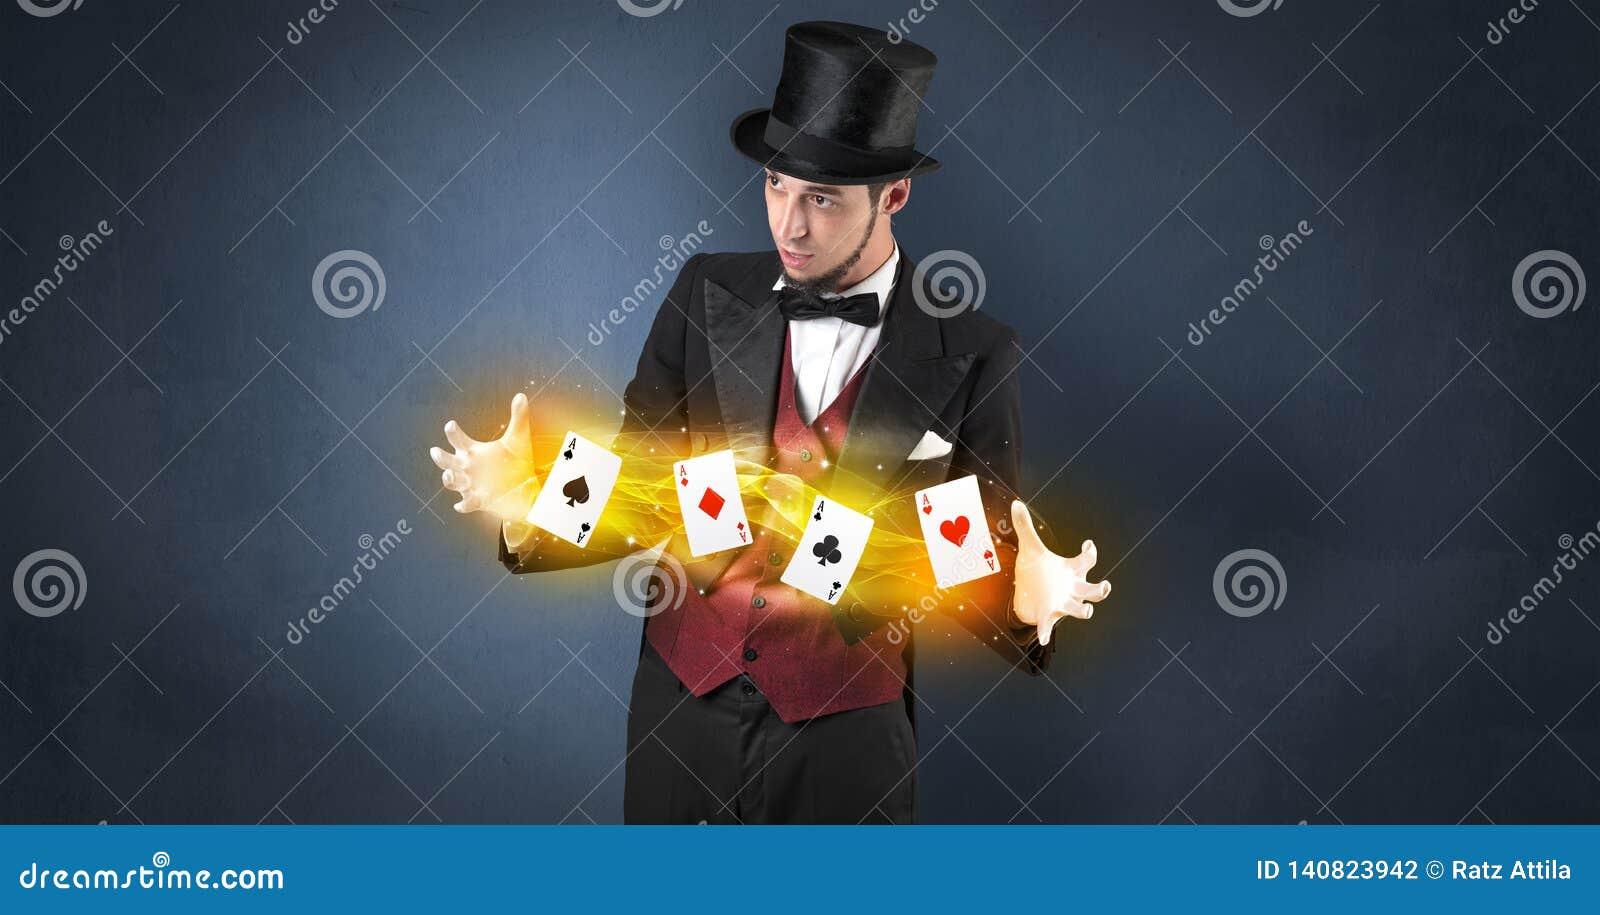 Illusionniste faisant le tour avec les cartes magiques de jeu